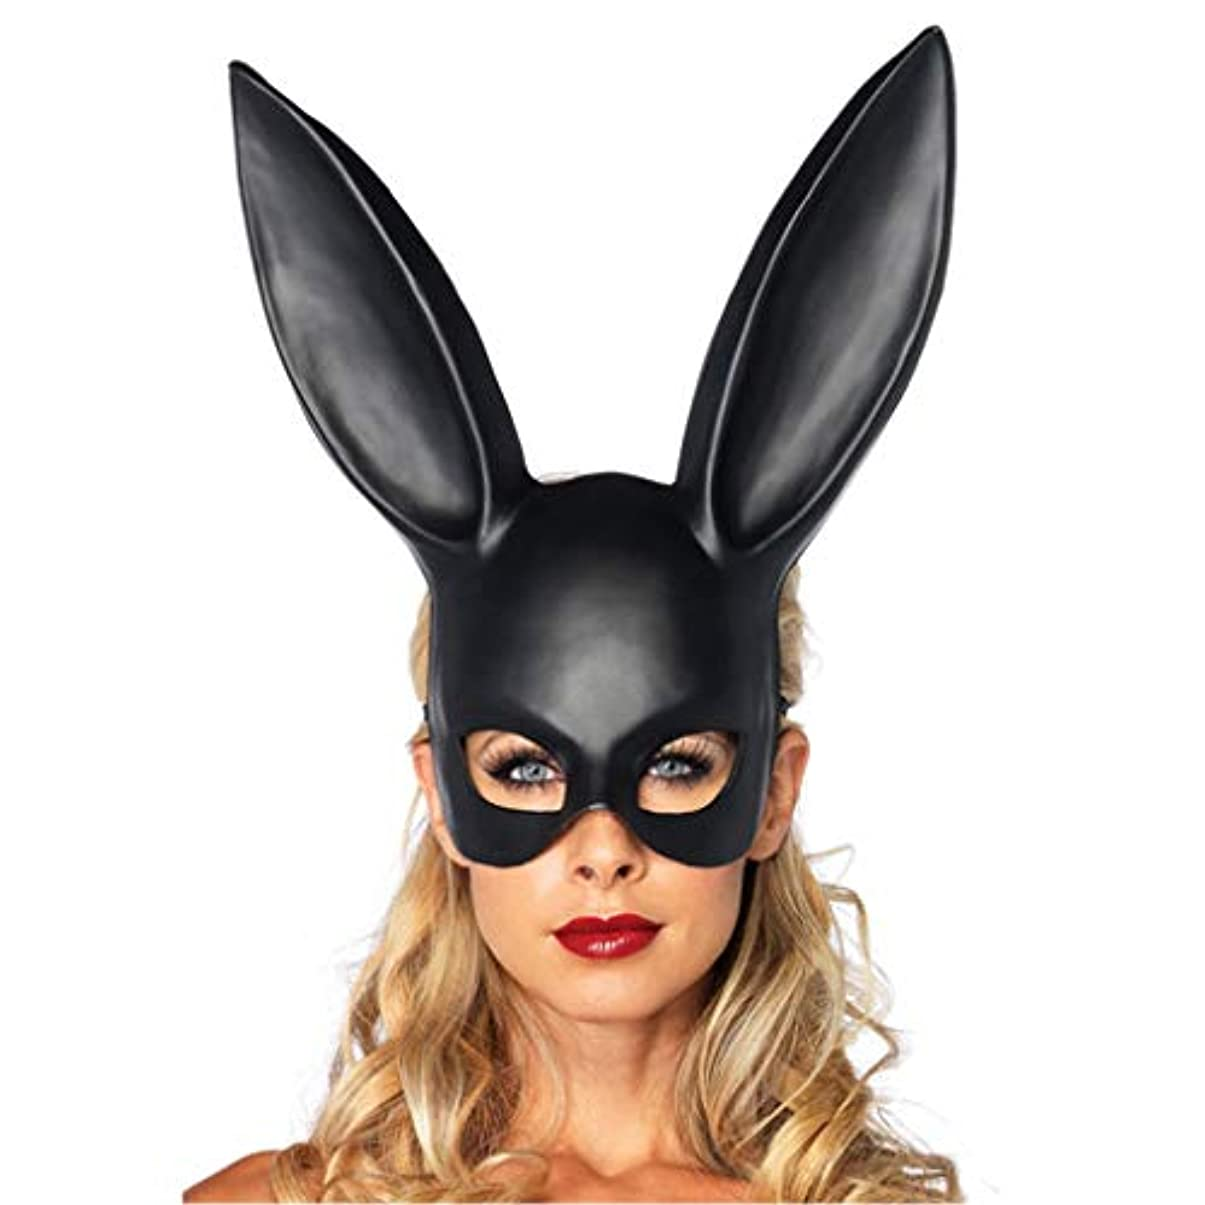 好み眉をひそめる背景ハロウィーン仮装イヤーマスクバーKTVパーティーマスクかわいいウサギのマスク (Color : C)